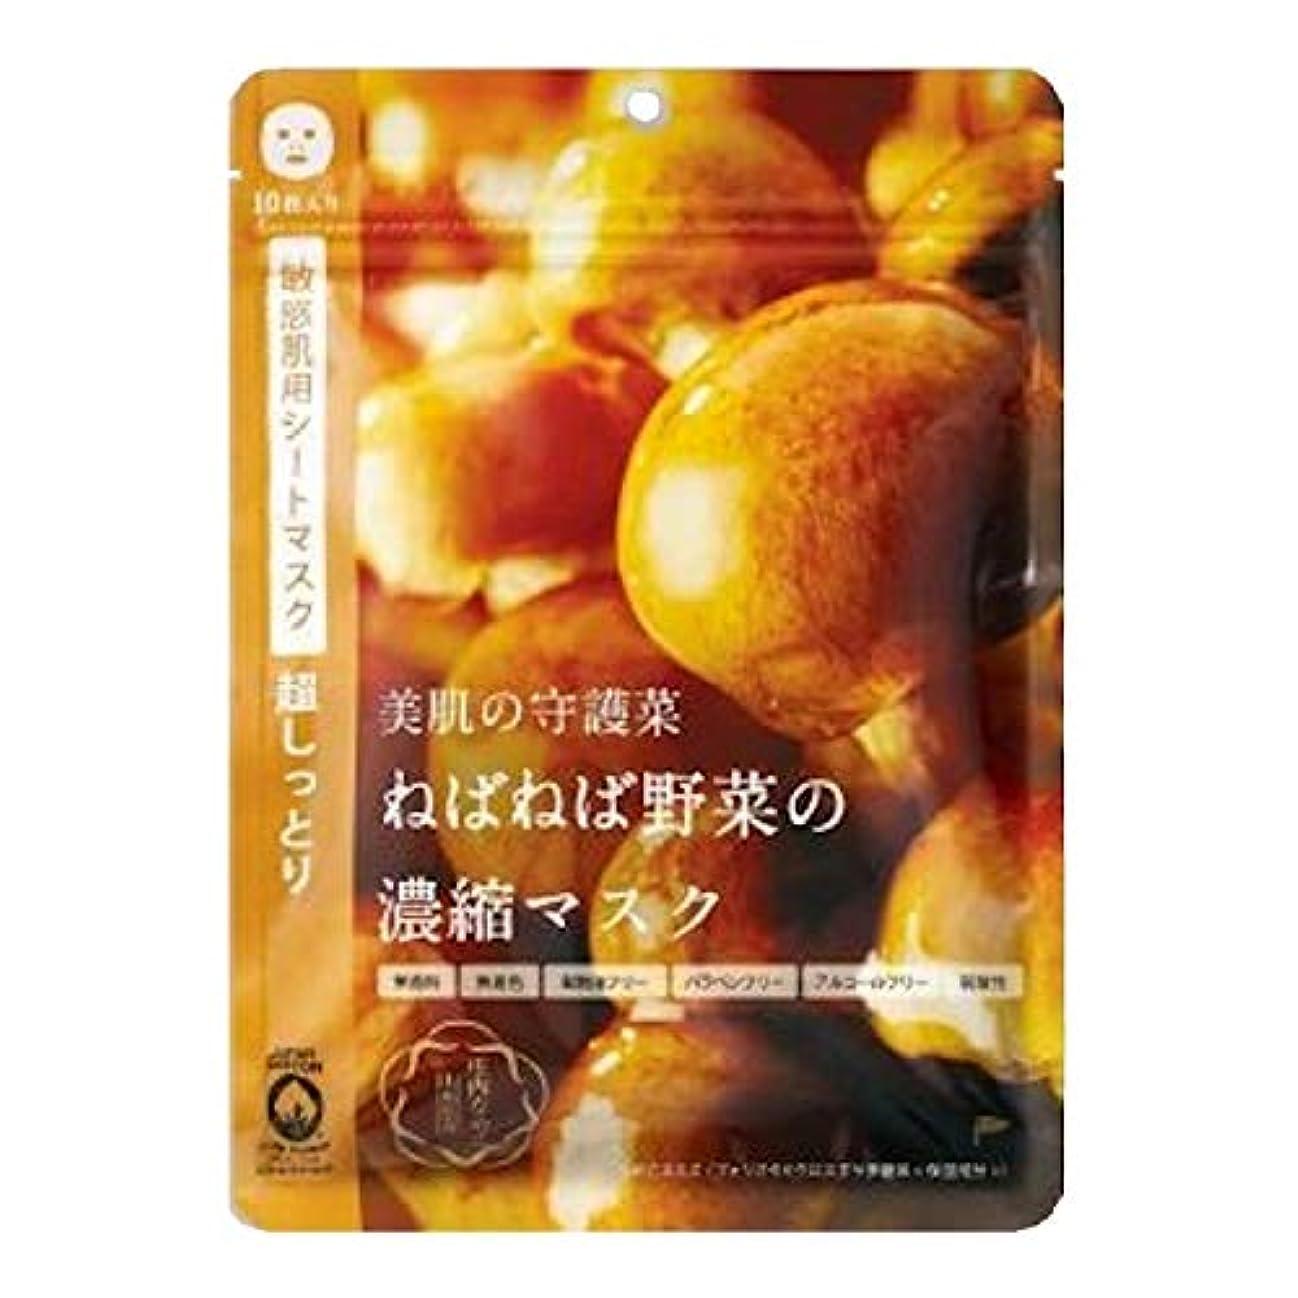 マエストロかわすレオナルドダ@cosme nippon 美肌の守護菜 ねばねば野菜の濃縮マスク 庄内なめこ 10枚入り 160ml